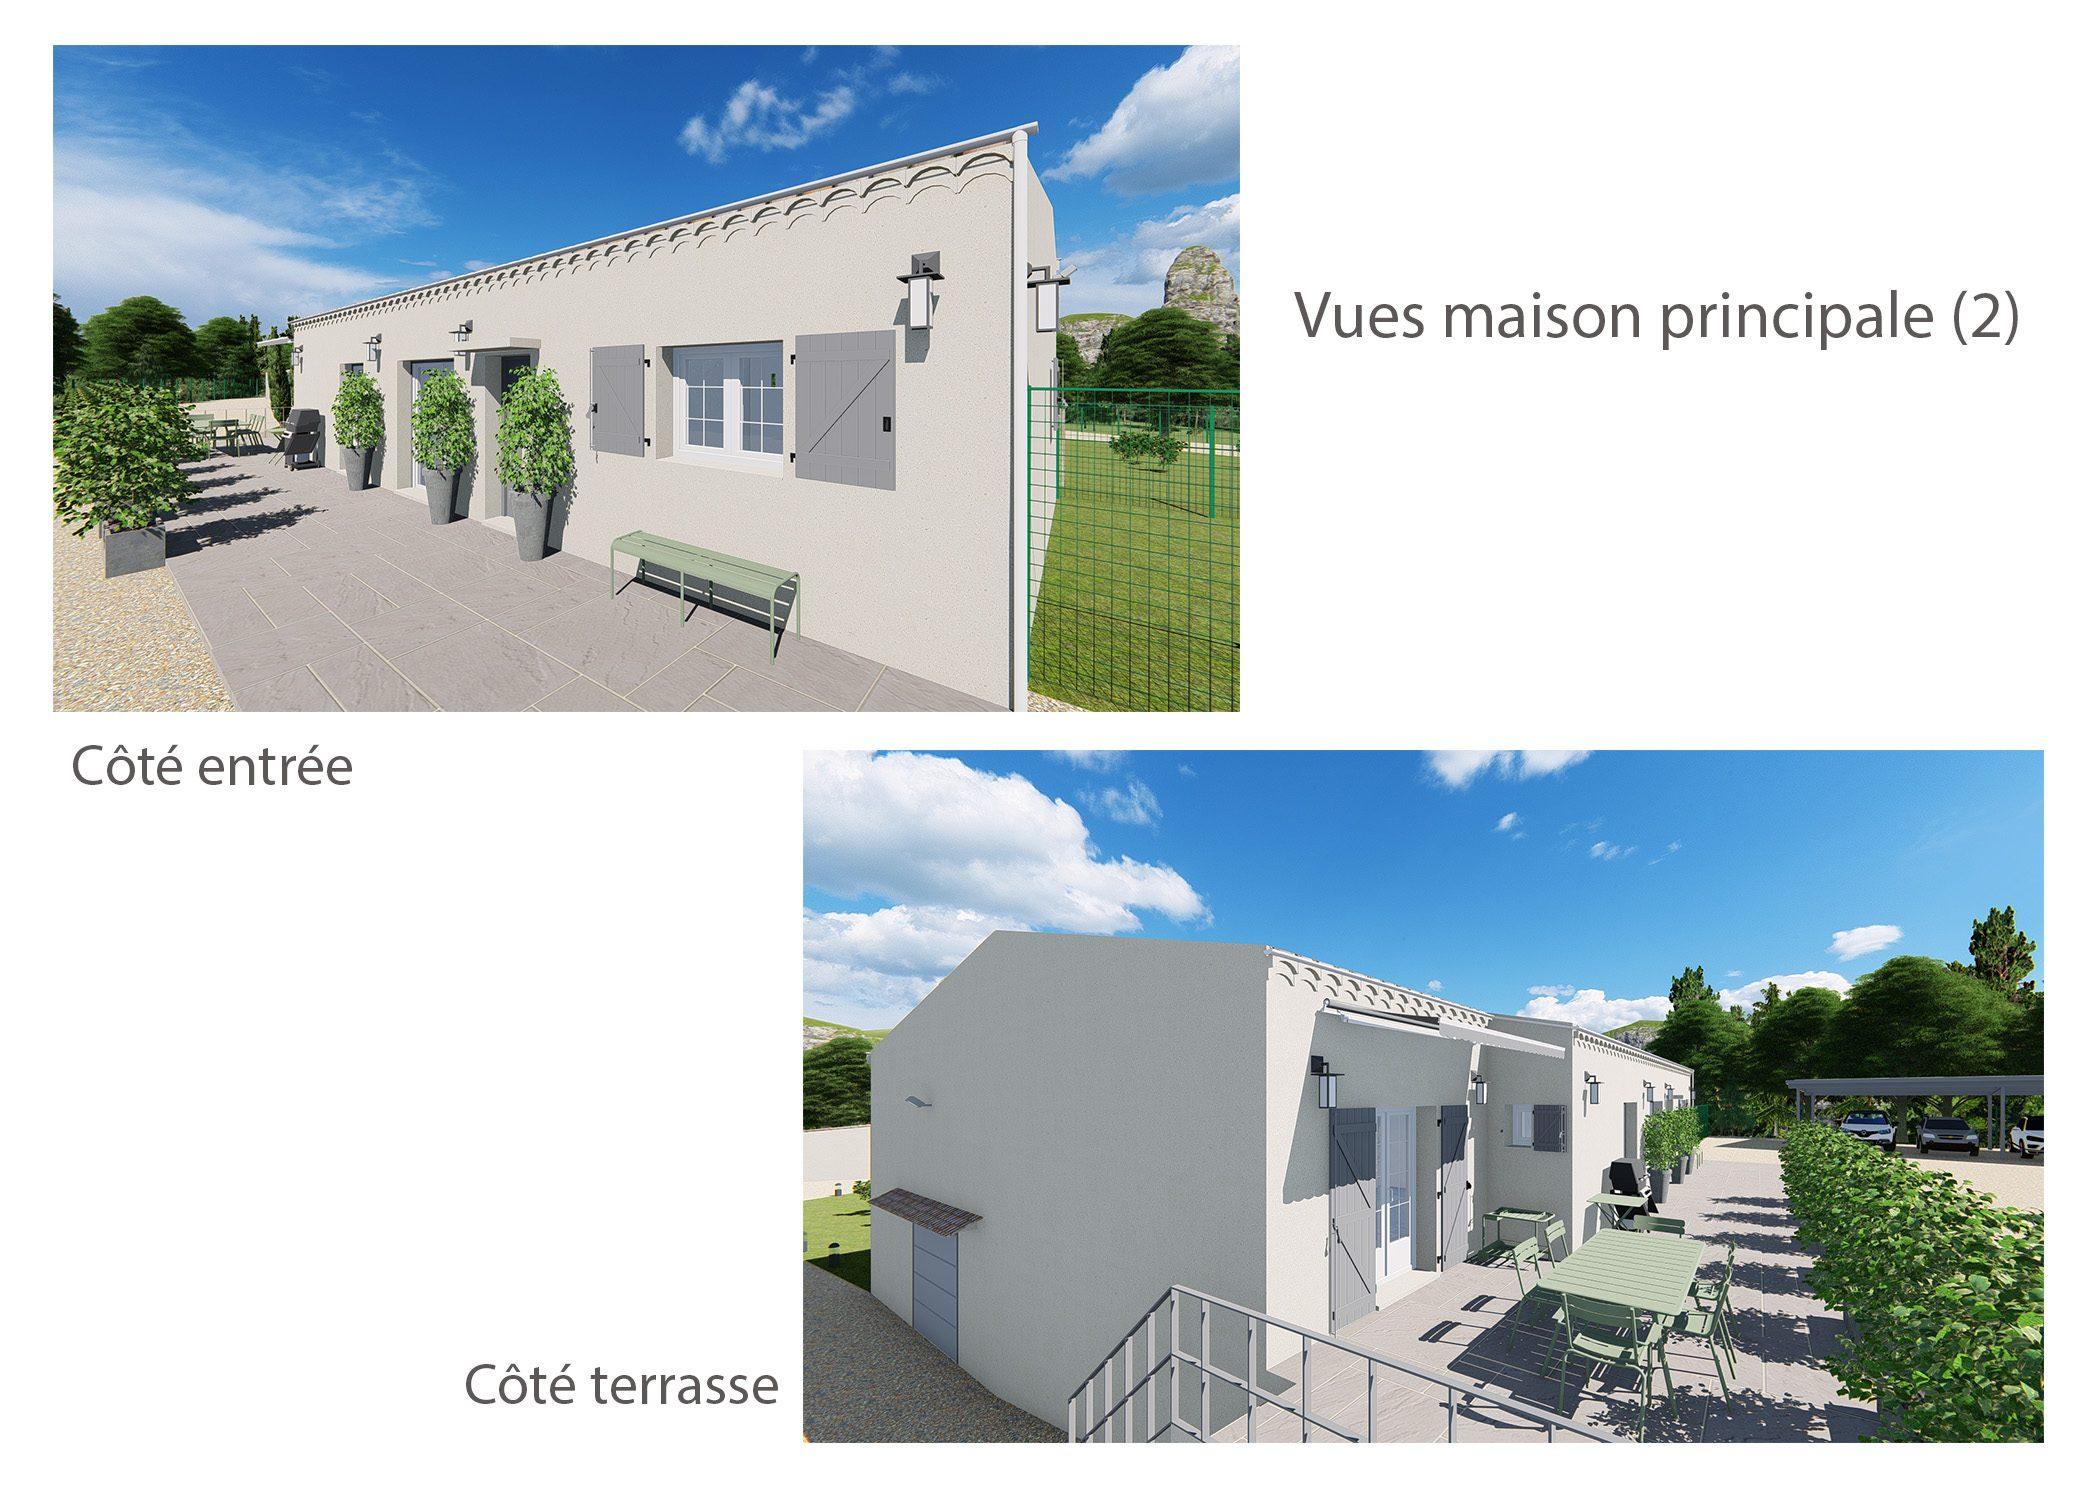 agencement terrain fuveau-espace exterieur-vues maison principale-dekho design